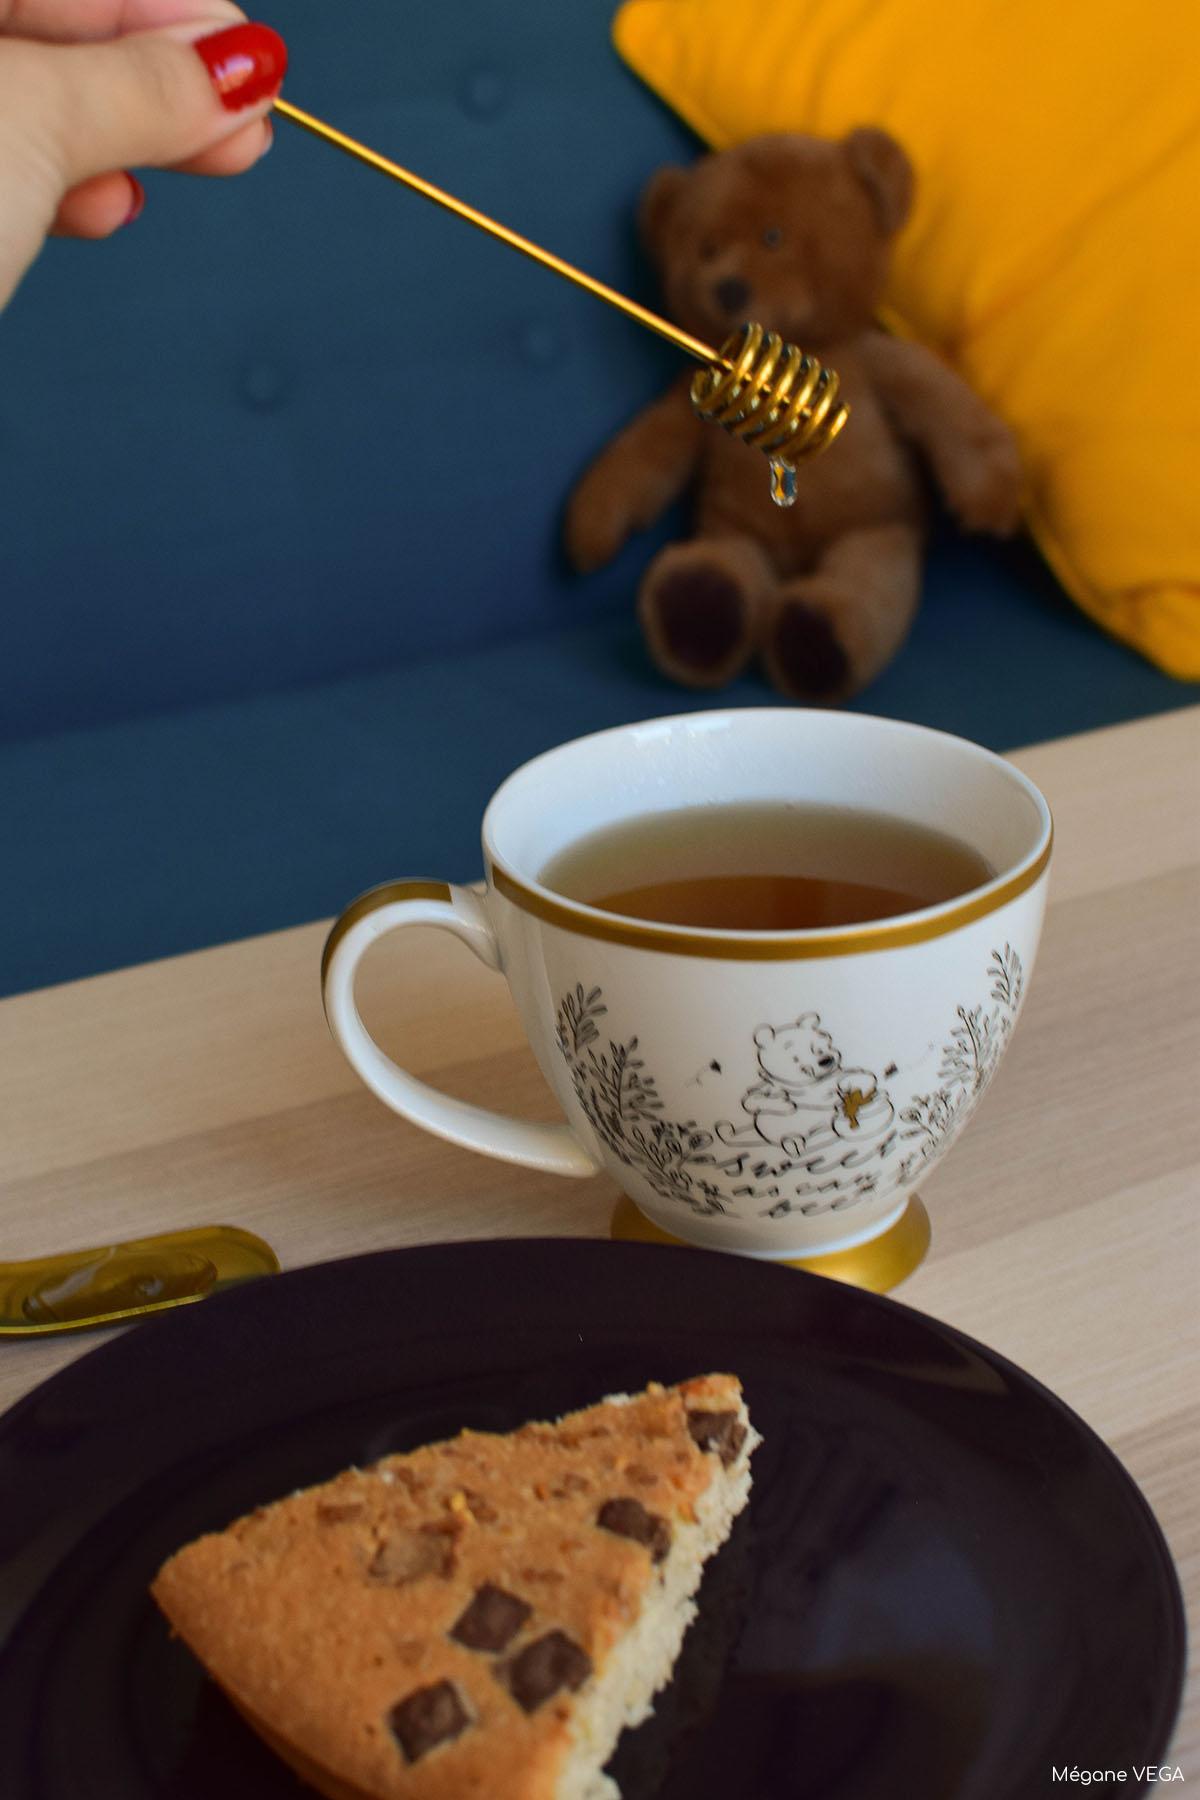 Un dimanche inspirant... Tea Time gourmand en bonne compagnie 🐻